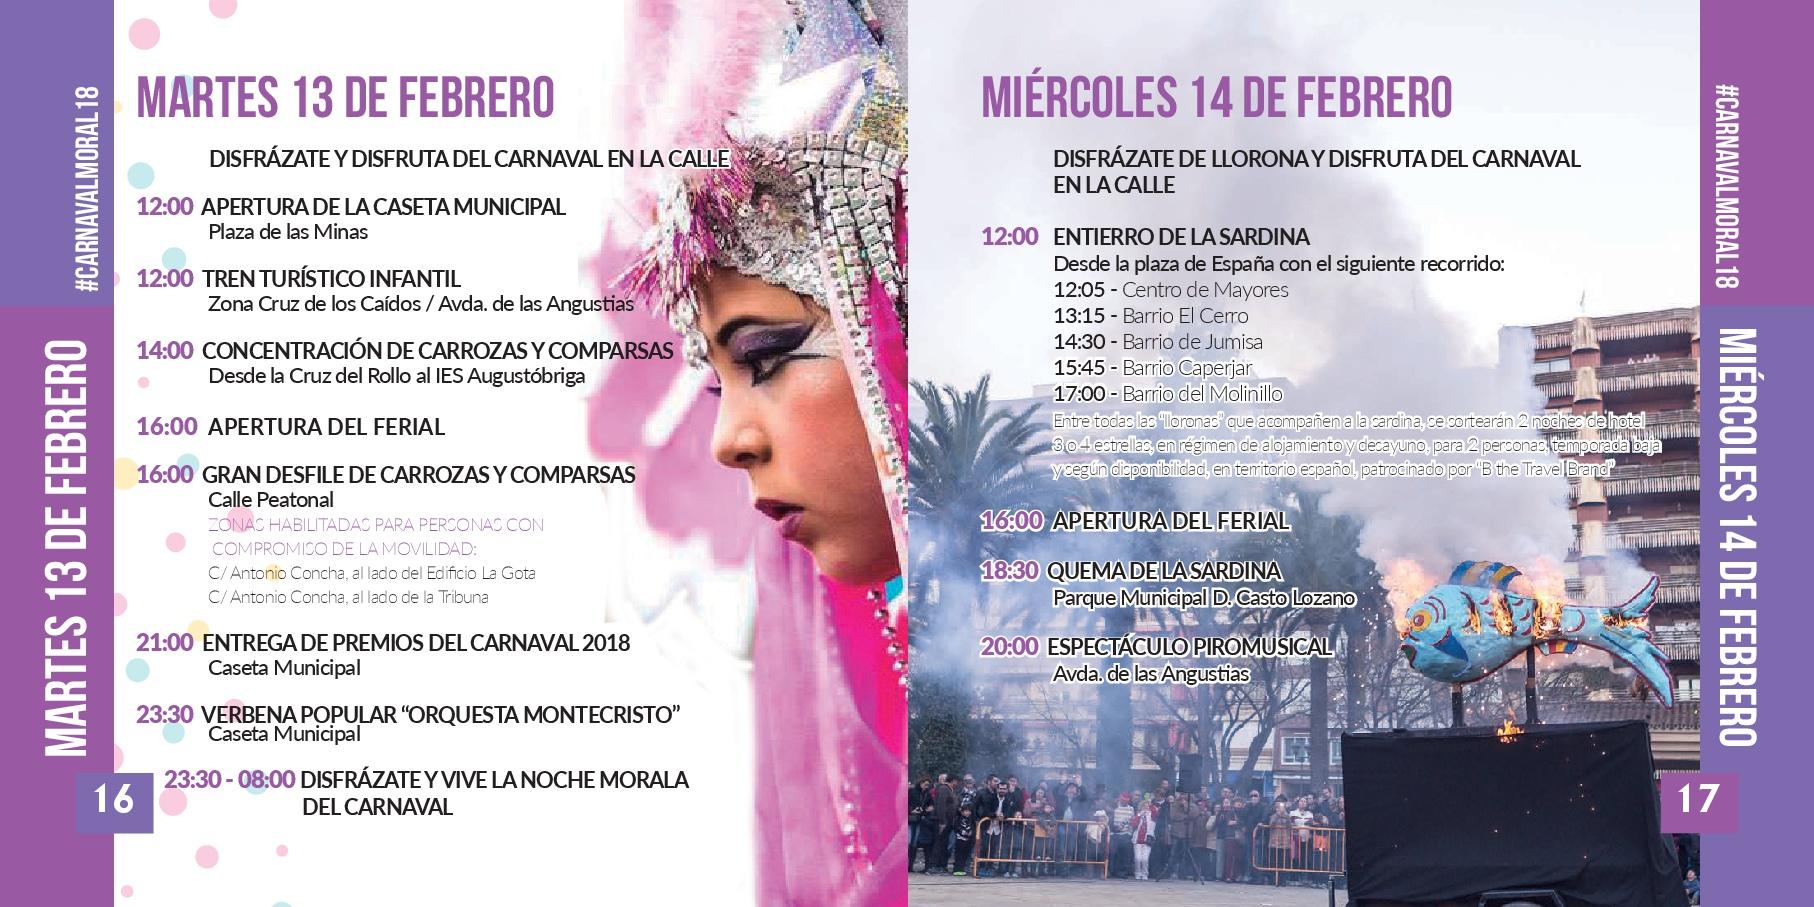 Carnaval del Campo Arañuelo 2018 9